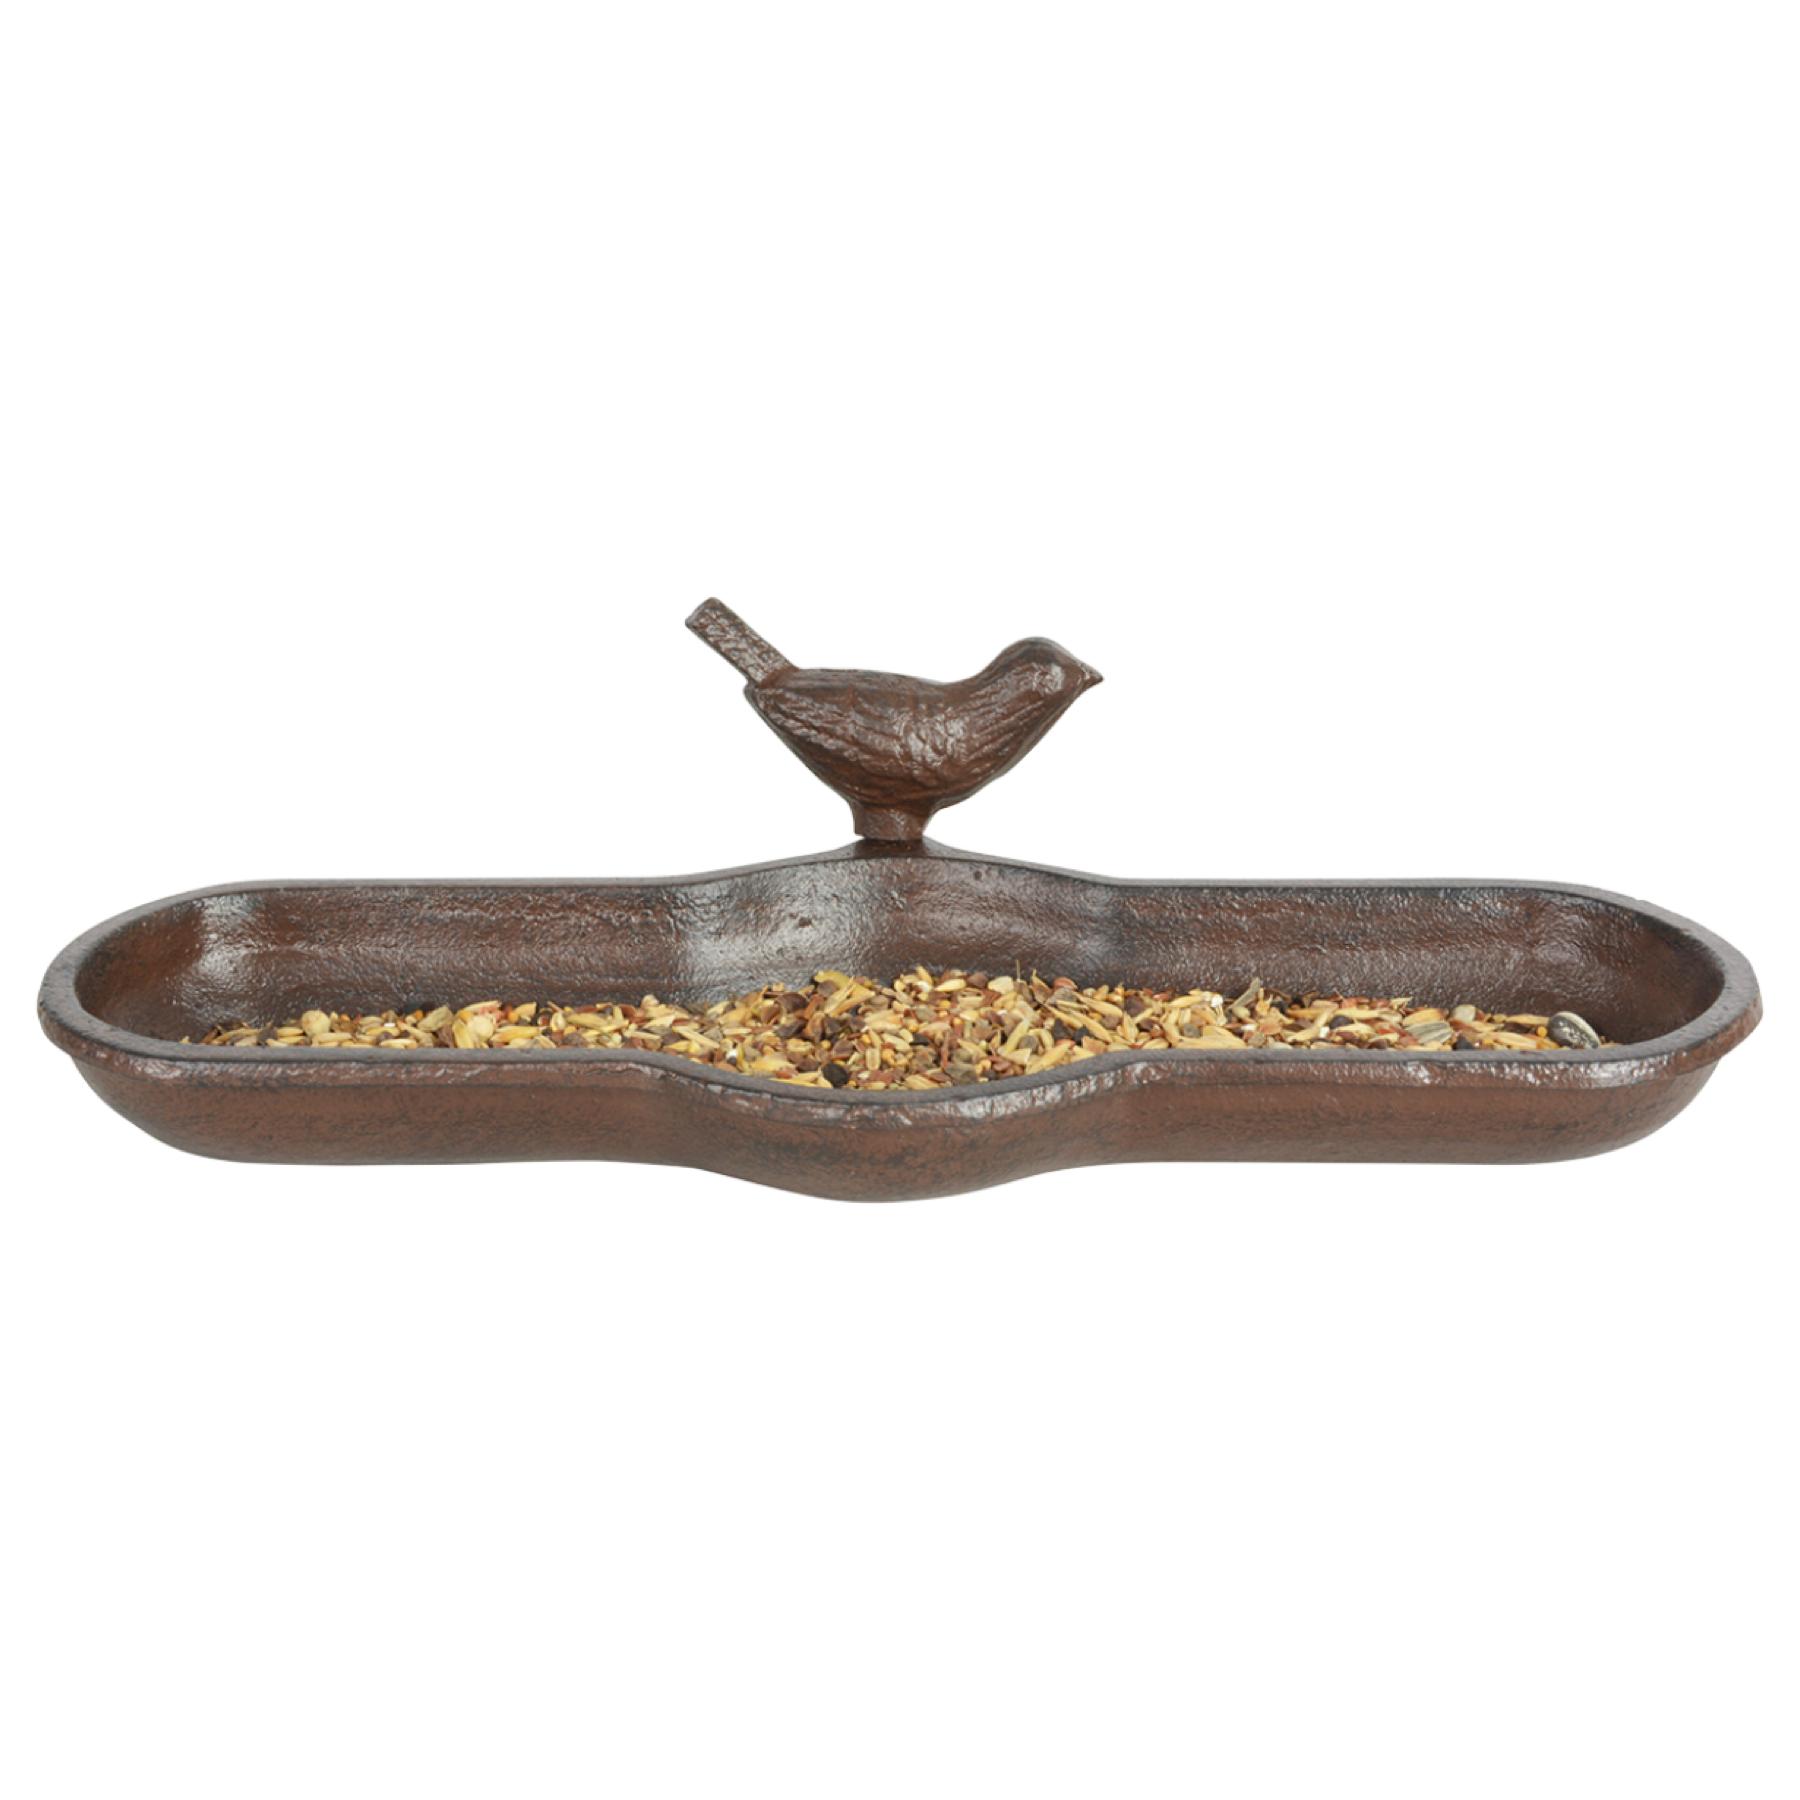 Bain d'oiseau en fonte : mangeoire, abreuvoir ou baignoire pour oiseaux